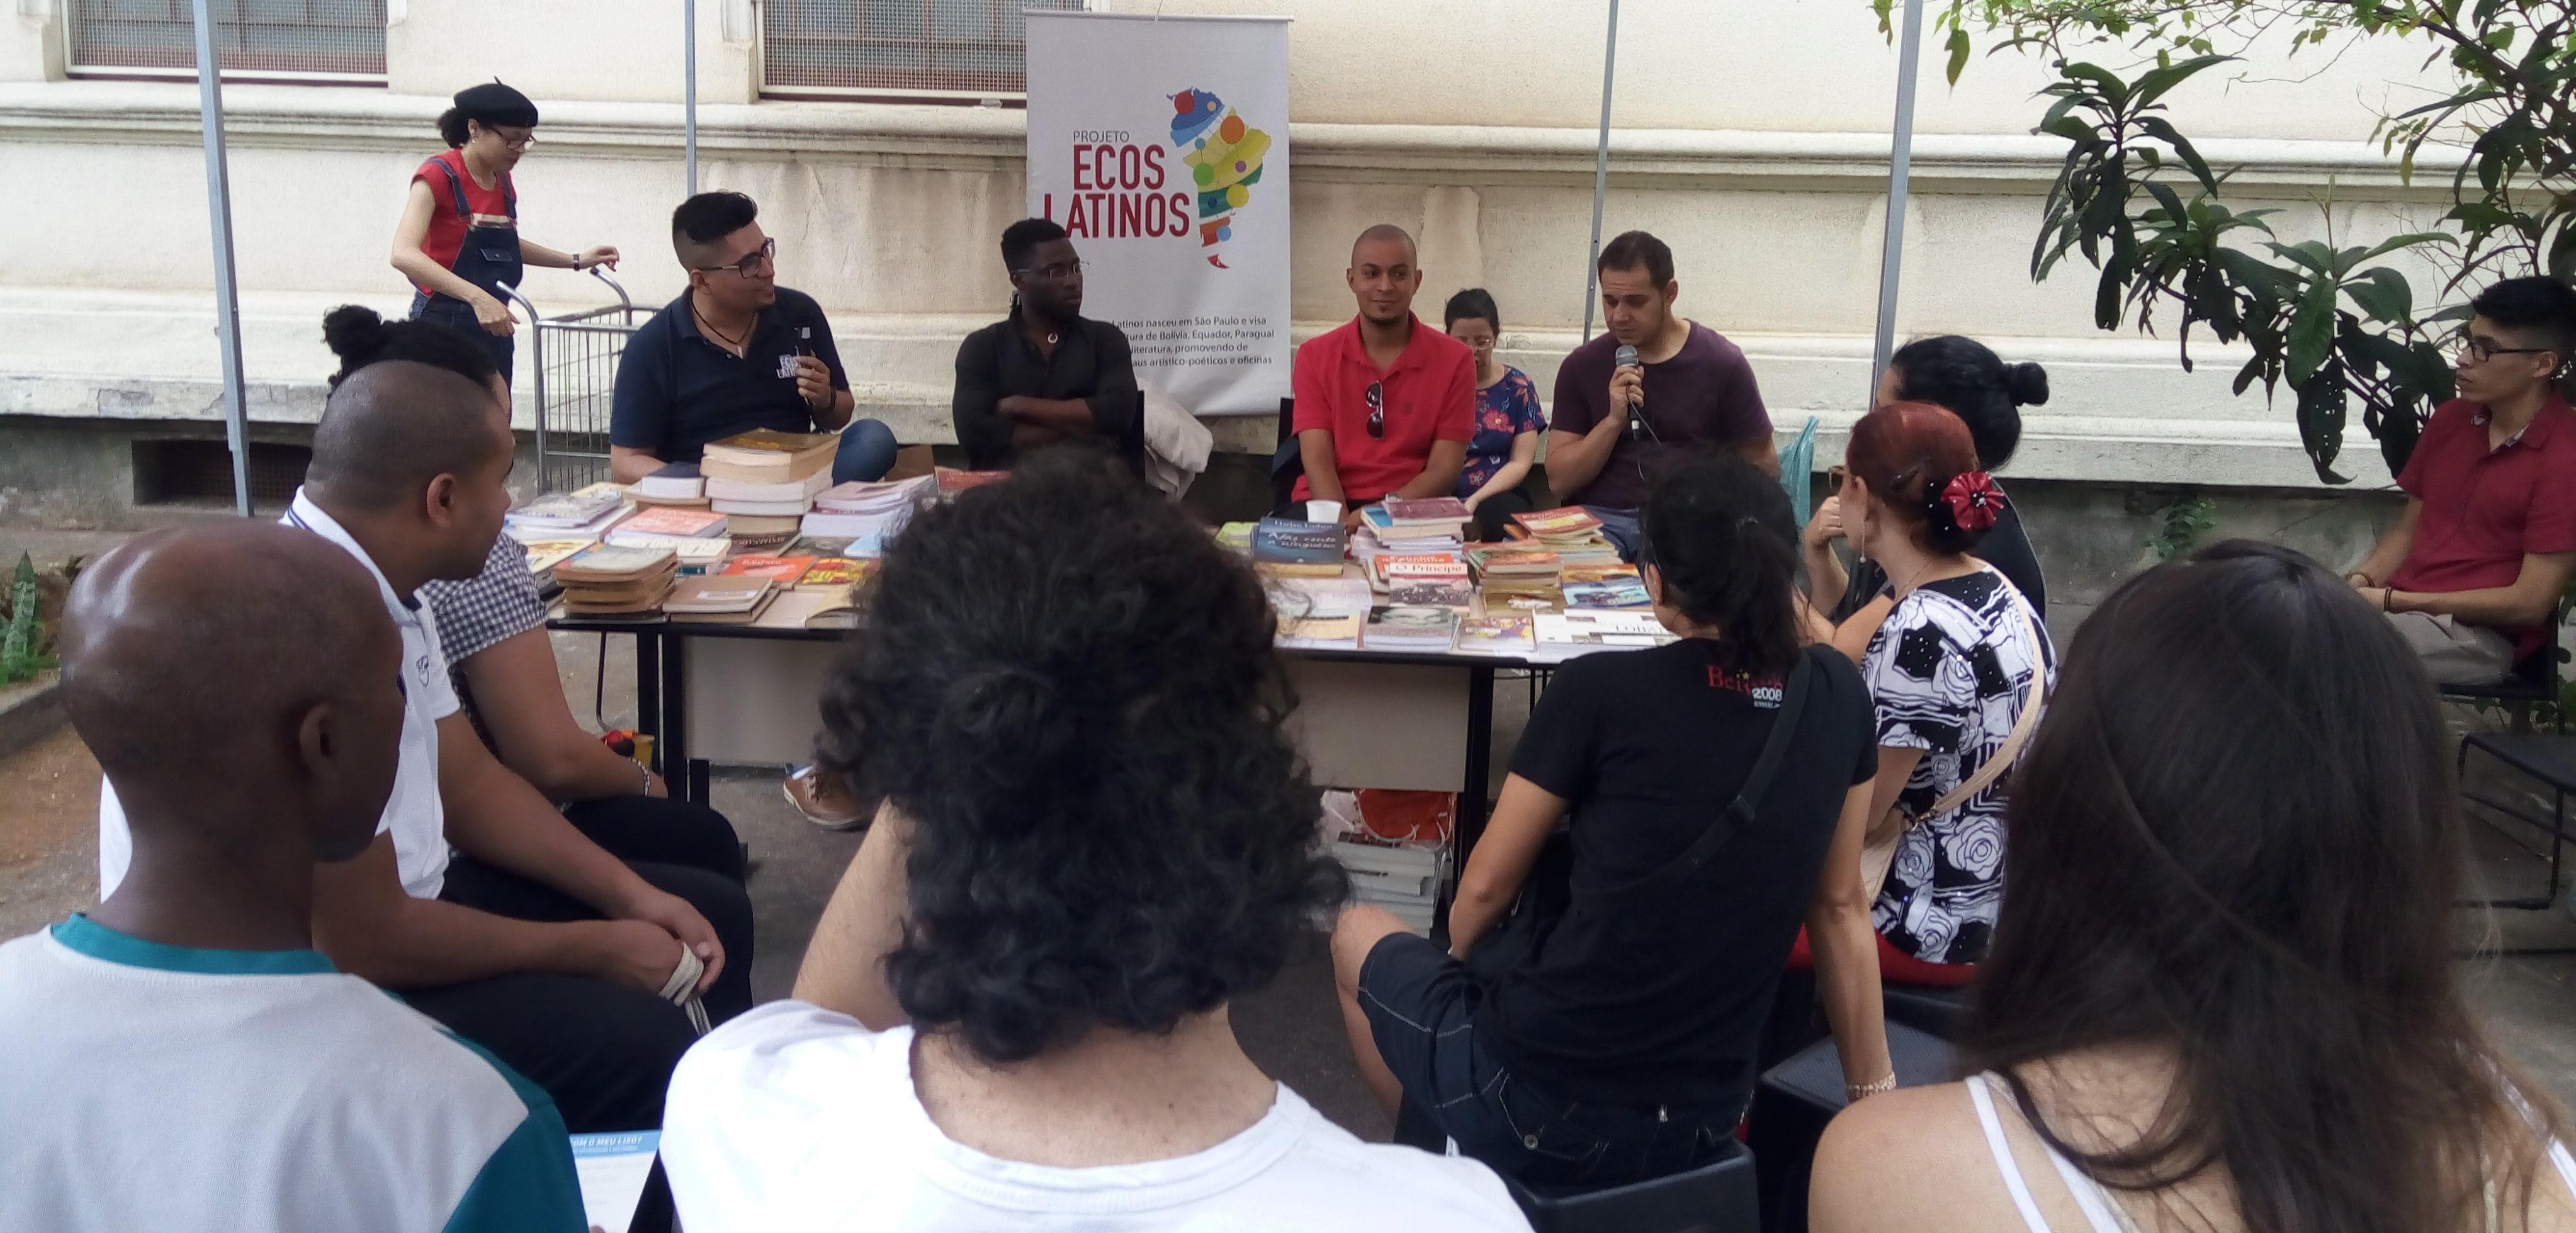 Roda de conversa com escritores peruanos, angolano e brasileiros com o Sarau Ecos Latinos